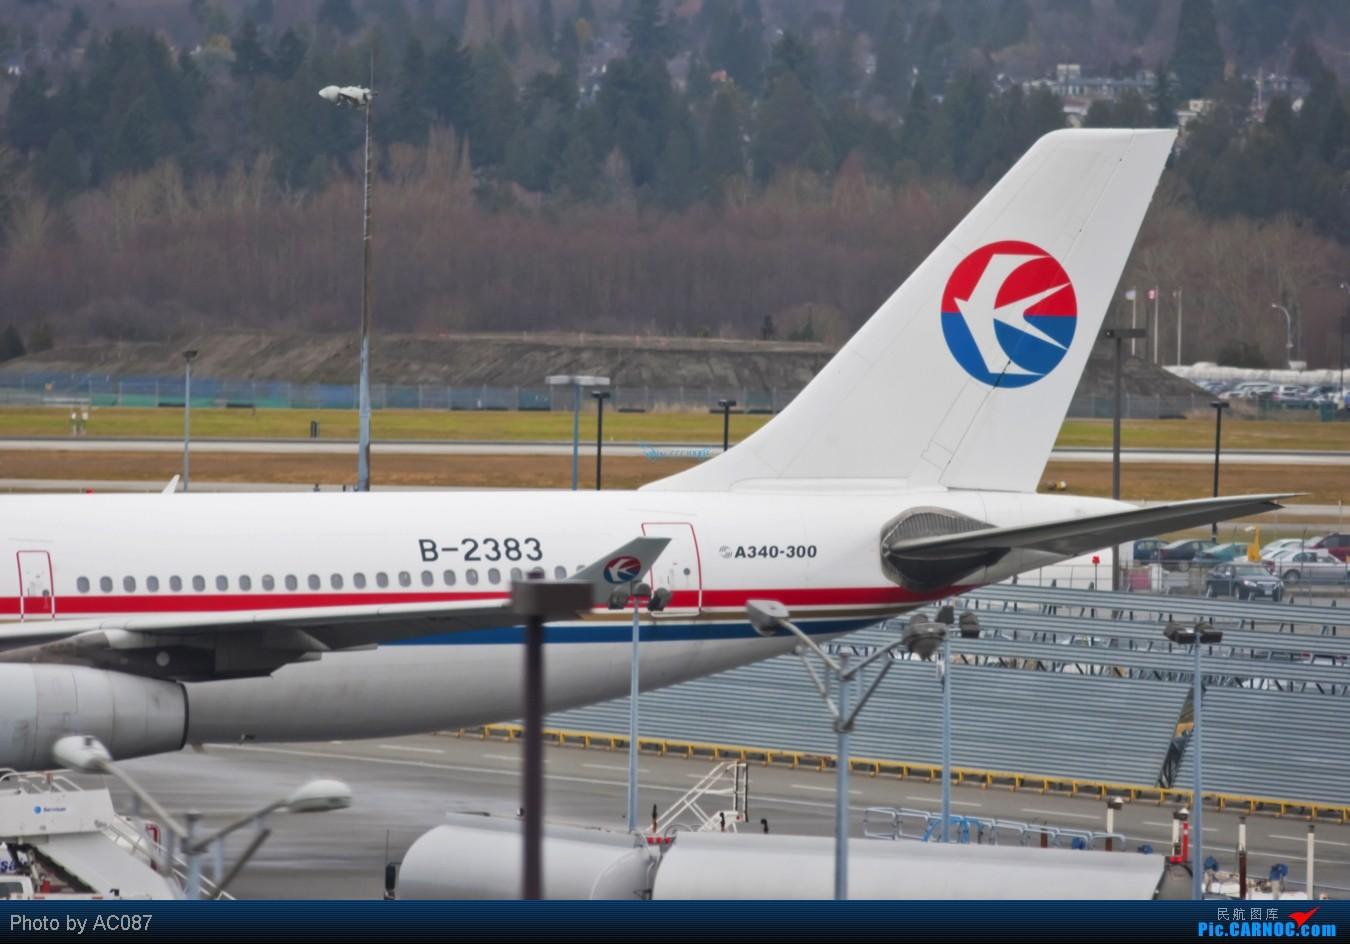 Re:[原创]【杭州飞友会】AC087温哥华即日高清拍机,国航紫宸侧风降,加航77W(爆闪),大韩航空,Transat,东航起飞雪山背景,美女内场,感谢尖兵M9指点!不看后悔 AIRBUS A340-300 B-2383 加拿大温哥华机场